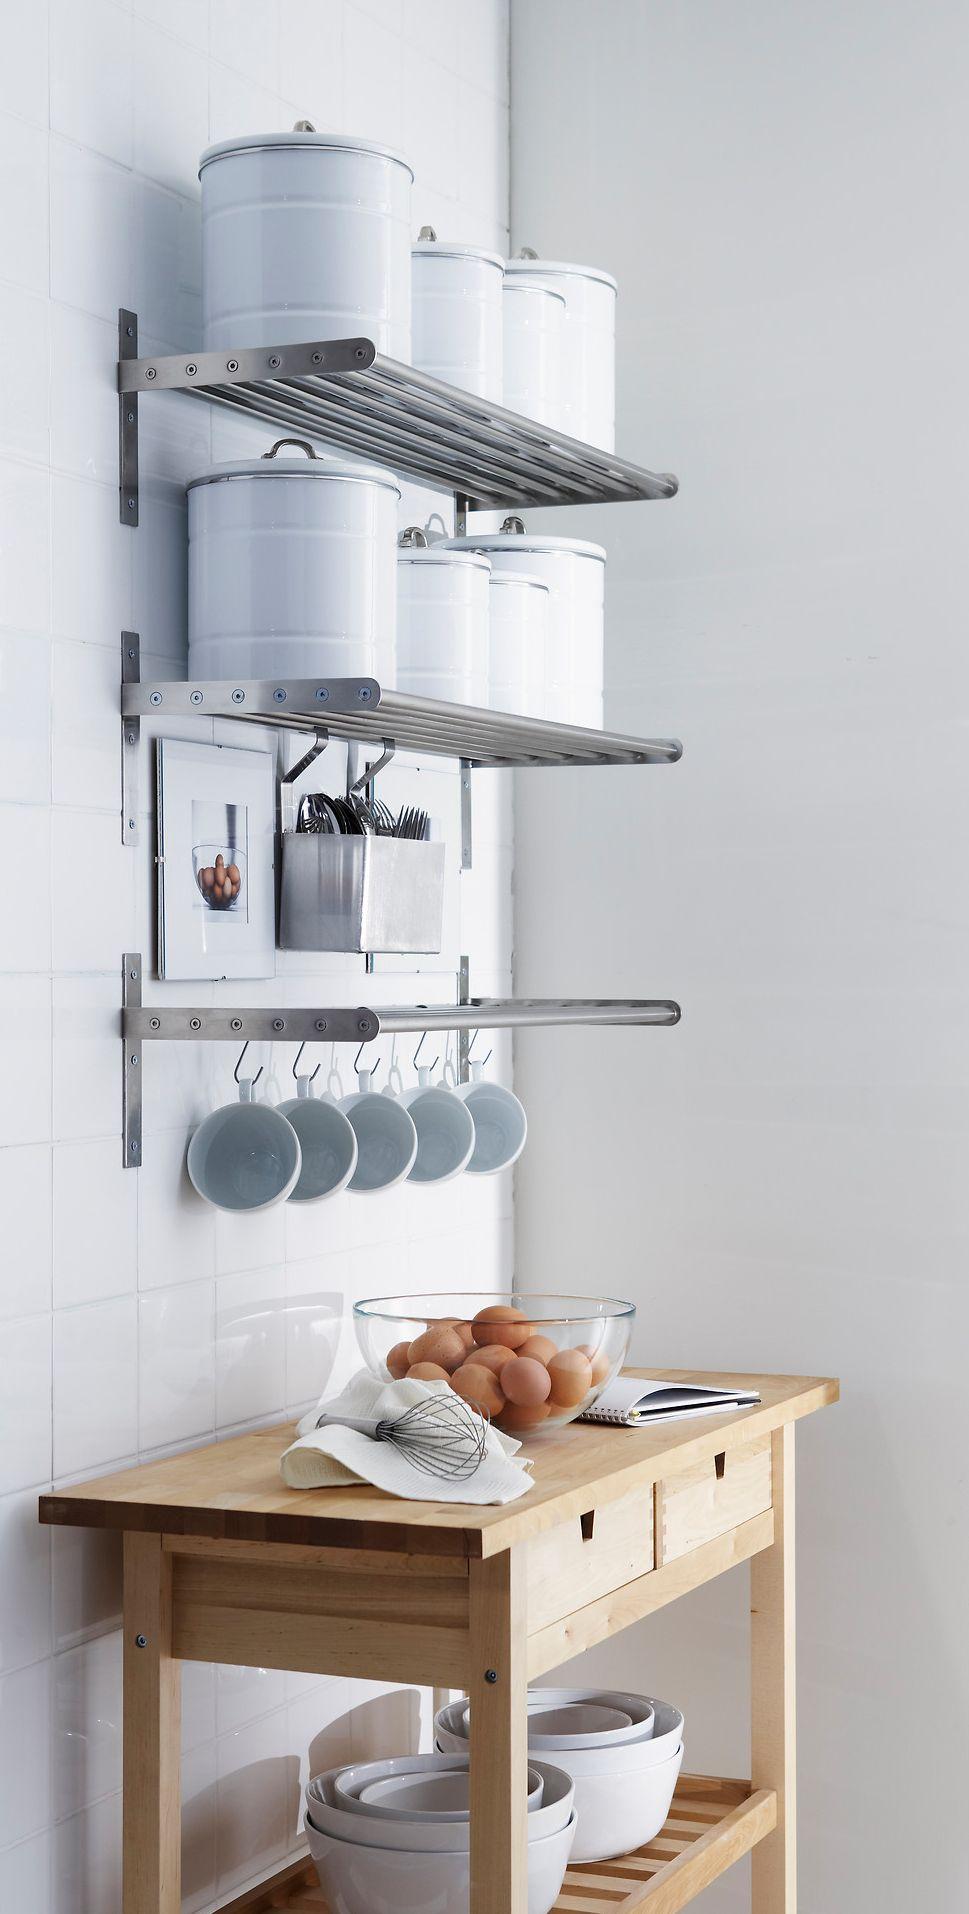 Компактное хранение на кухонных слингах